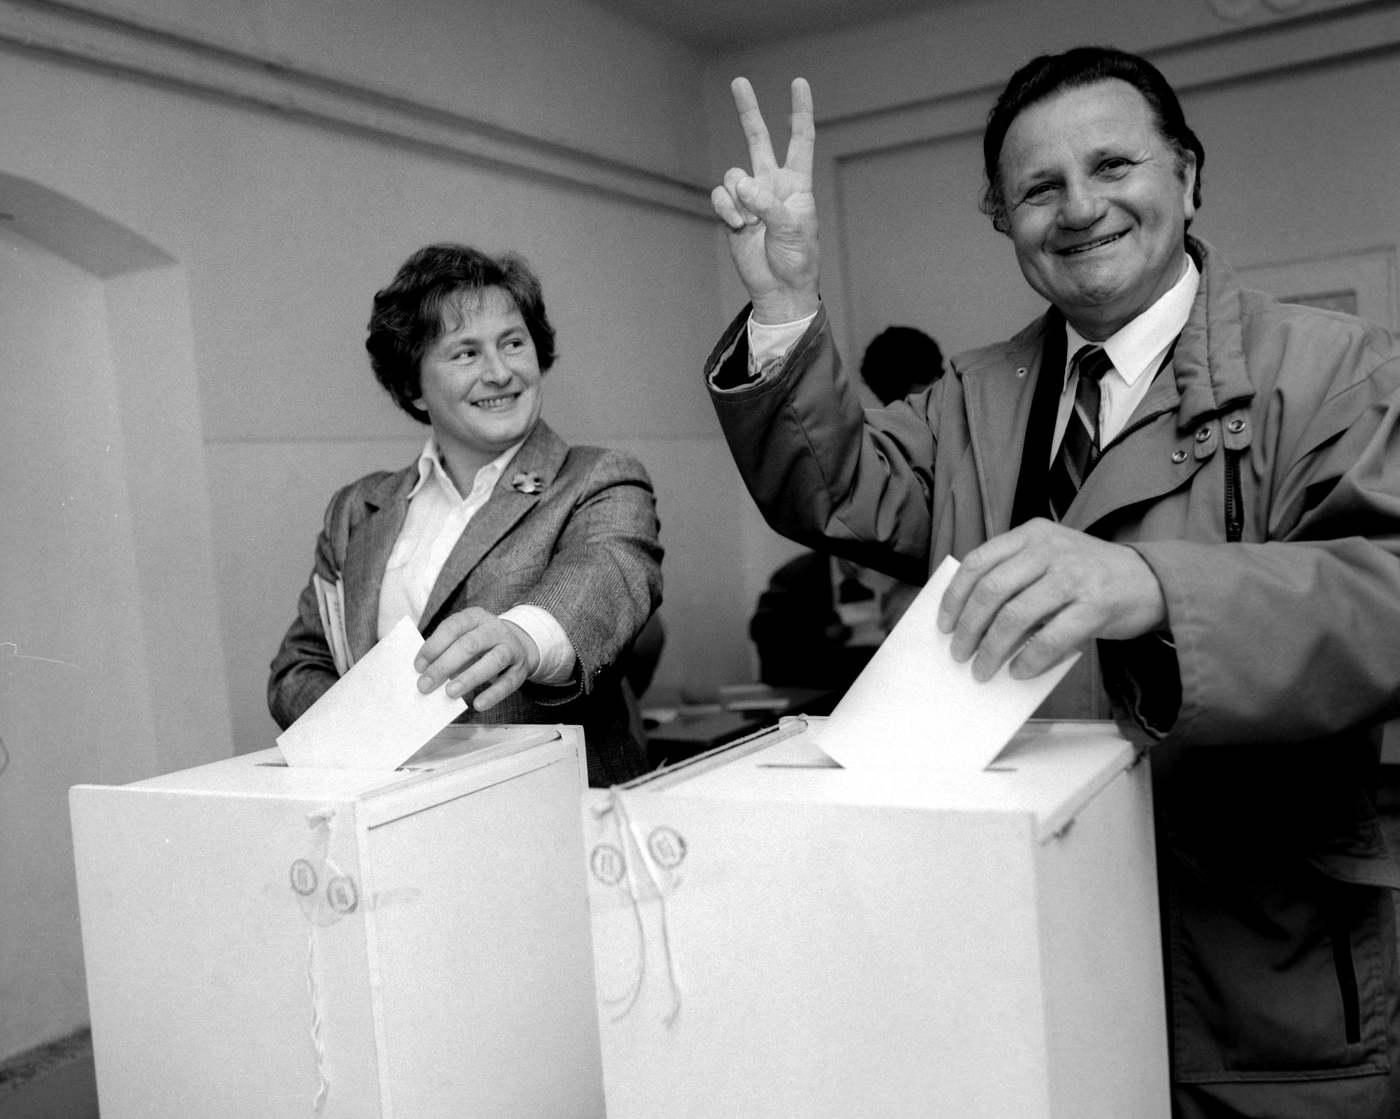 Für Lajos, a Magyar Demokrata Fórum (MDF) elnökségi tagja a győzelem jelét mutatja a kezével, miközben feleségével, Bíró Friderikával leadja szavazatát az 1990. évi első szabad magyar választáson. MTI Fotó: Hámor Szabolcs